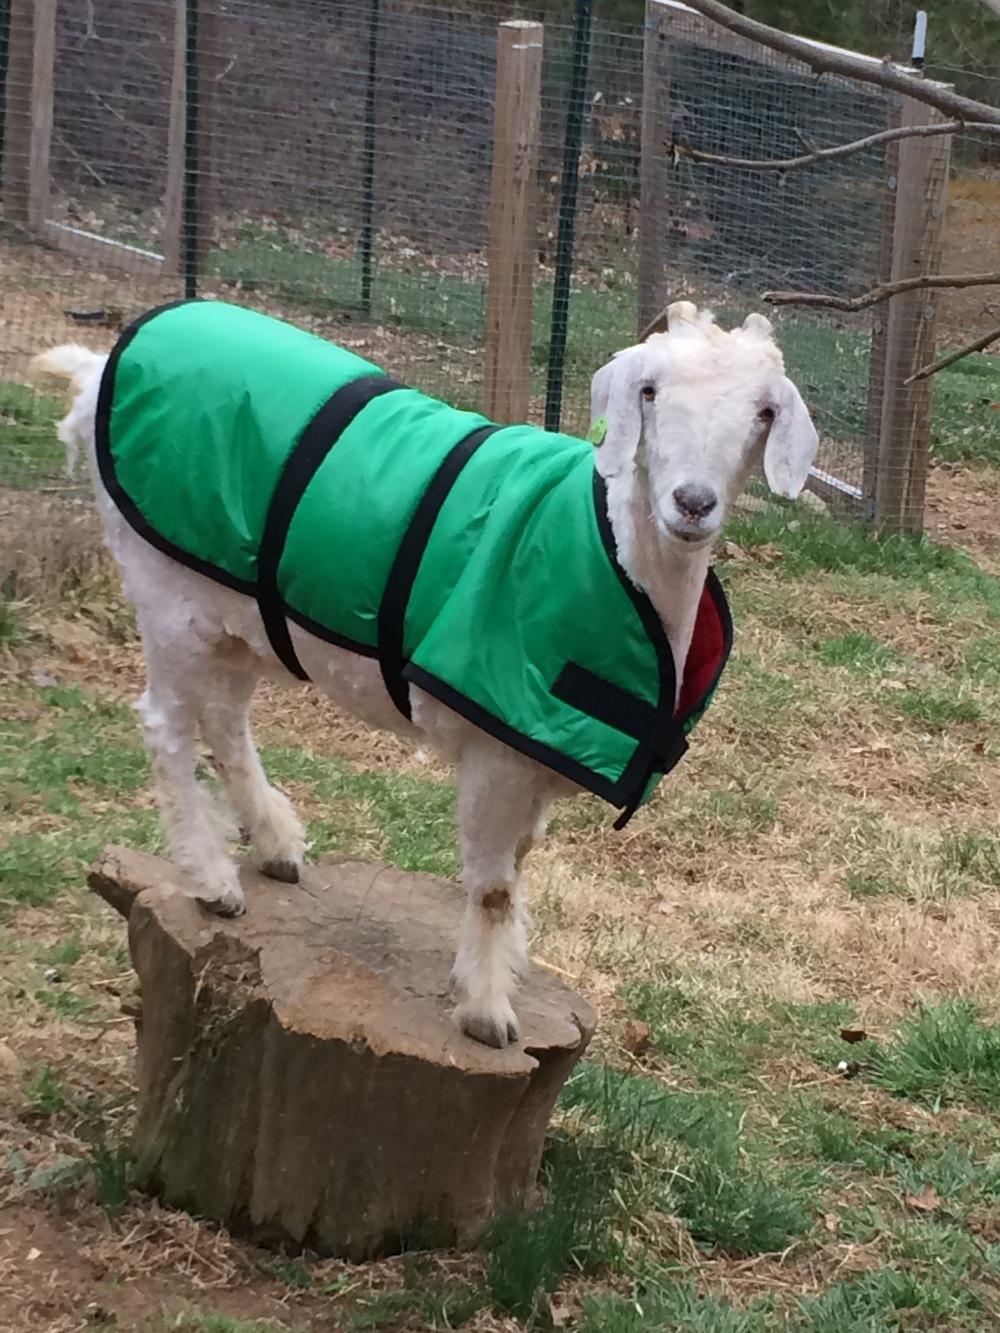 Ellie, looking fetching in her winter coat